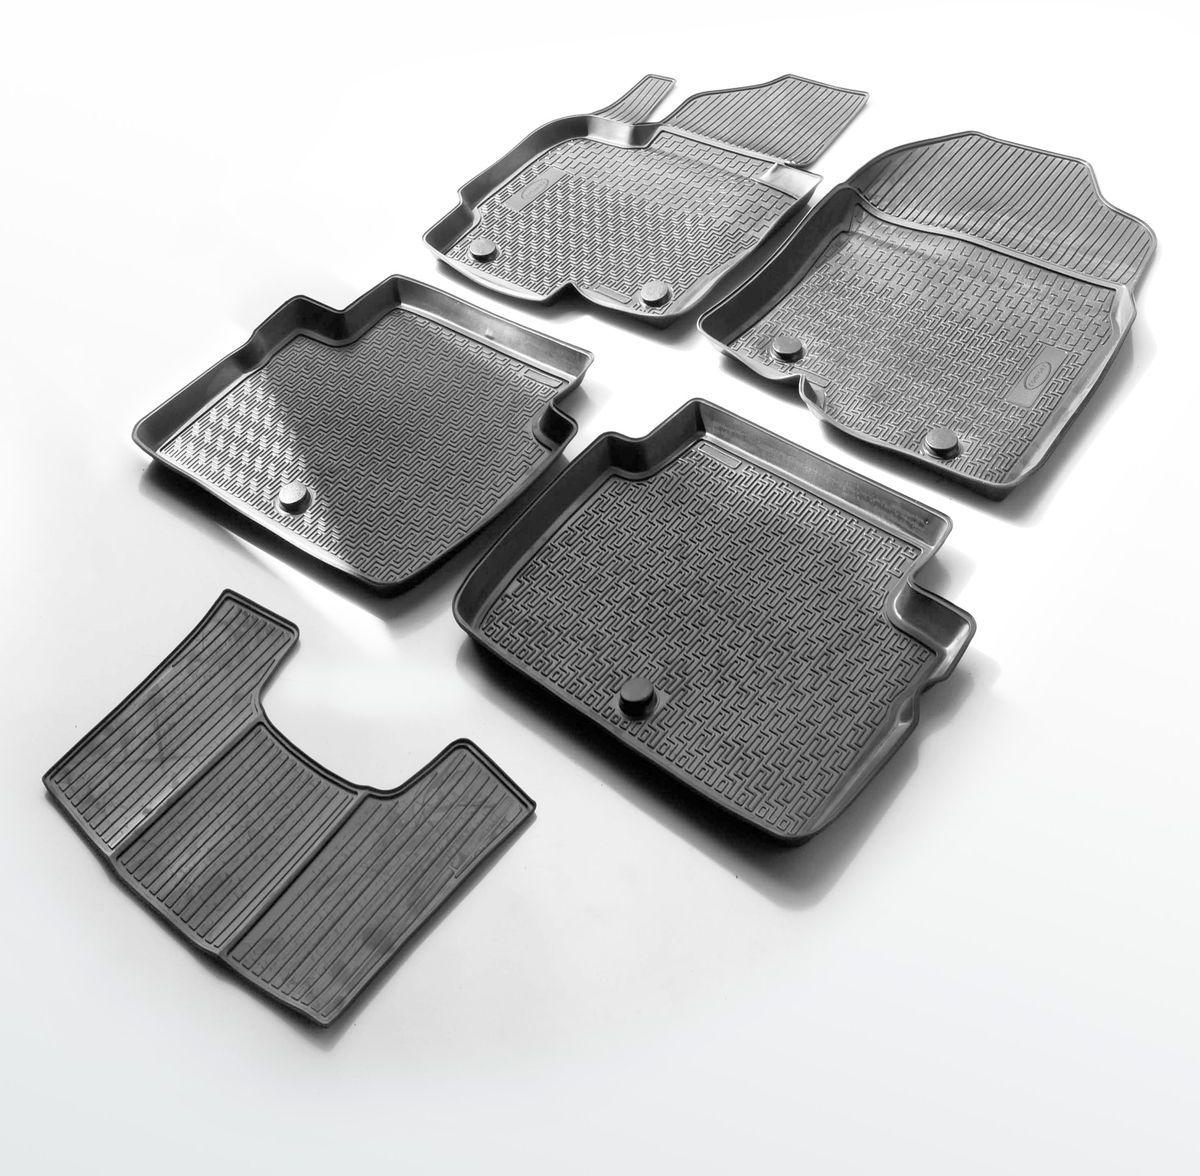 Ковры салона Rival для Hyundai Tucson 2016-, 4 шт + перемычка0012309001Автомобильные ковры салона Rival Прочные и долговечные ковры в салон автомобиля, изготовлены из высококачественного и экологичного сырья, полностью повторяют геометрию салона вашего автомобиля. - Надежная система крепления, позволяющая закрепить коврик на штатные элементы фиксации, в результате чего отсутствует эффект скольжения по салону автомобиля. - Высокая стойкость поверхности к стиранию. - Специализированный рисунок и высокий борт, препятствующие распространению грязи и жидкости по поверхности ковра. - Перемычка задних ковров в комплекте предотвращает загрязнение тоннеля карданного вала. - Произведены из первичных материалов, в результате чего отсутствует неприятный запах в салоне автомобиля. - Высокая эластичность, можно беспрепятственно эксплуатировать при температуре от -45 ?C до +45 ?C.